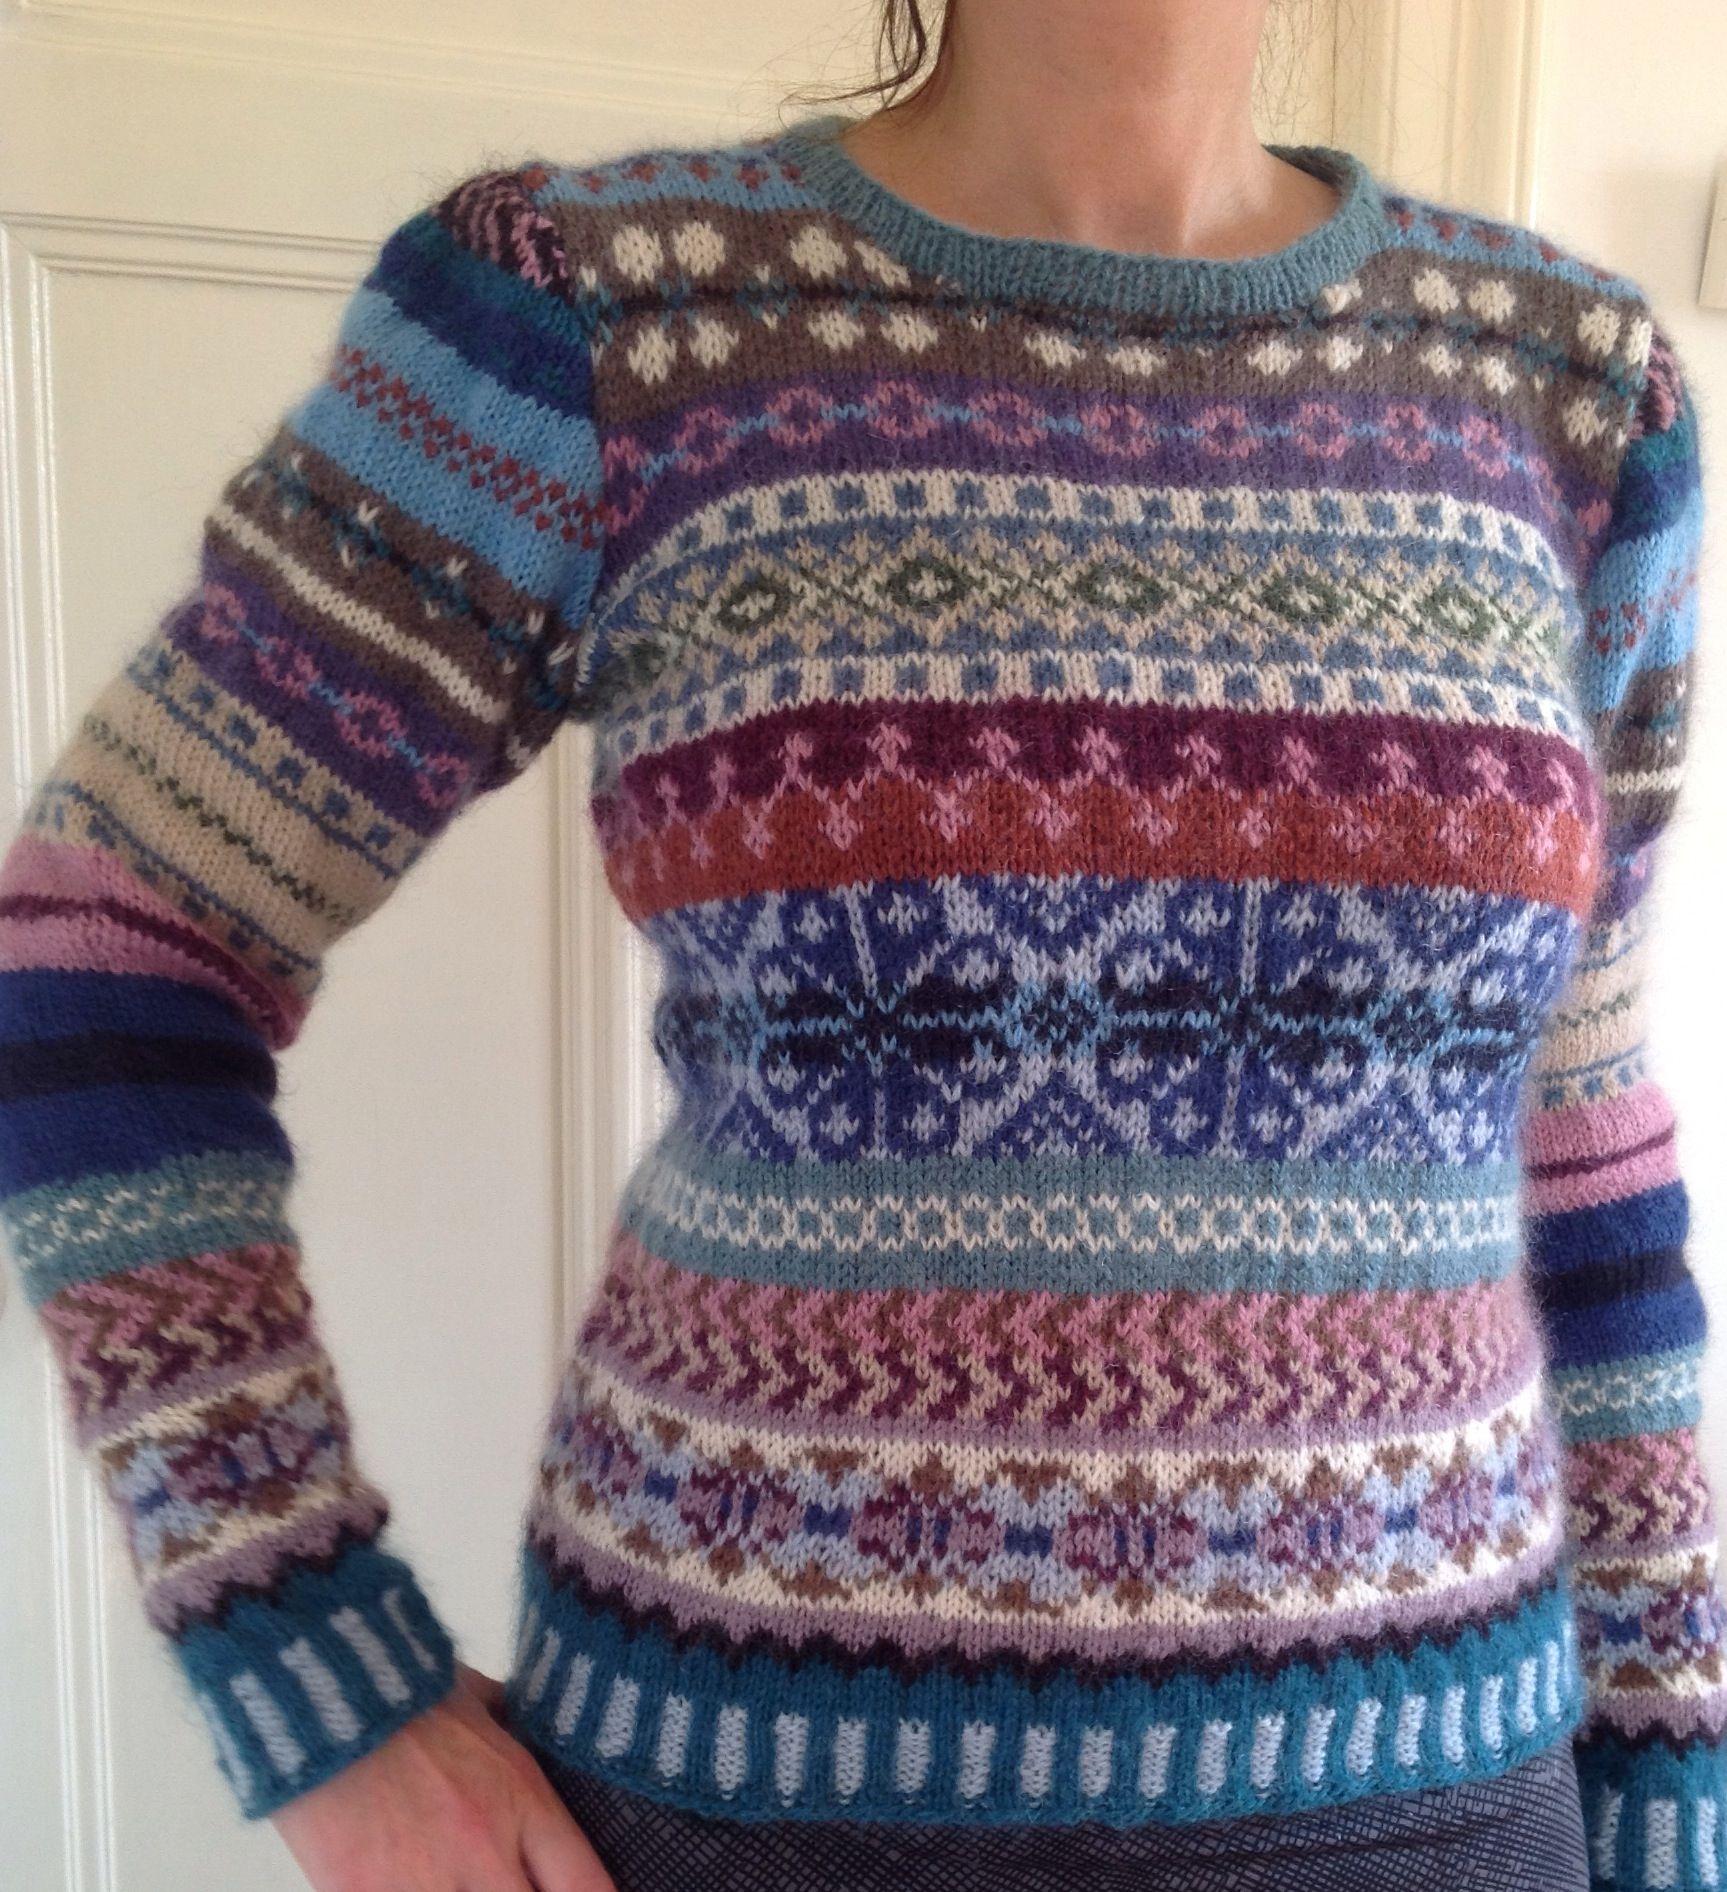 Af, mijn trui van 14 kleuren Rowan classic kids wol. In fair isle ...